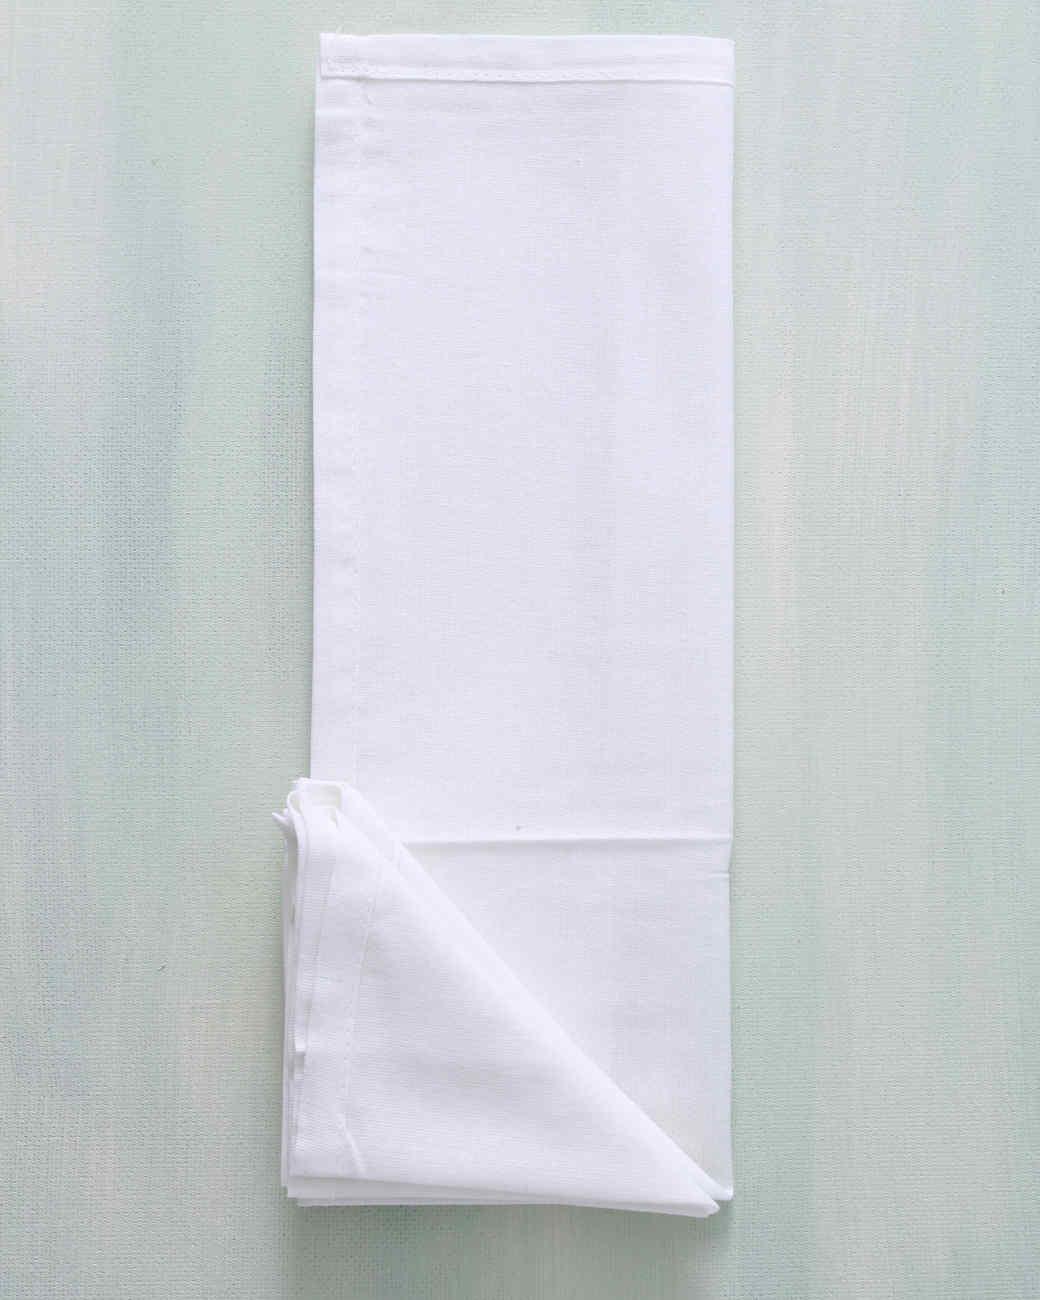 triangular fold started on lengthwise folded fabric